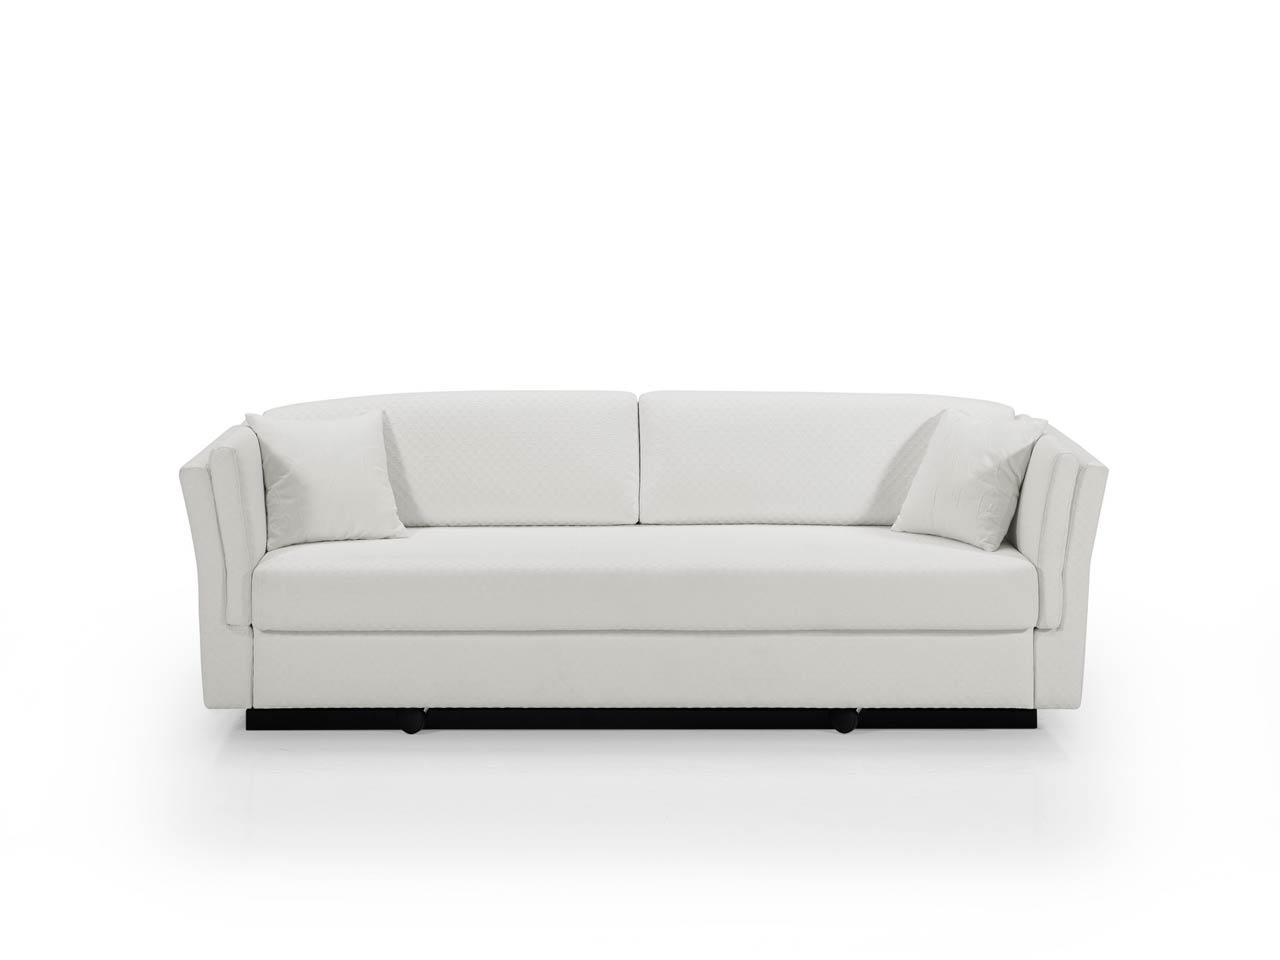 Comprar sof s cama peque os online for Sofas cama 2 plazas pequenos